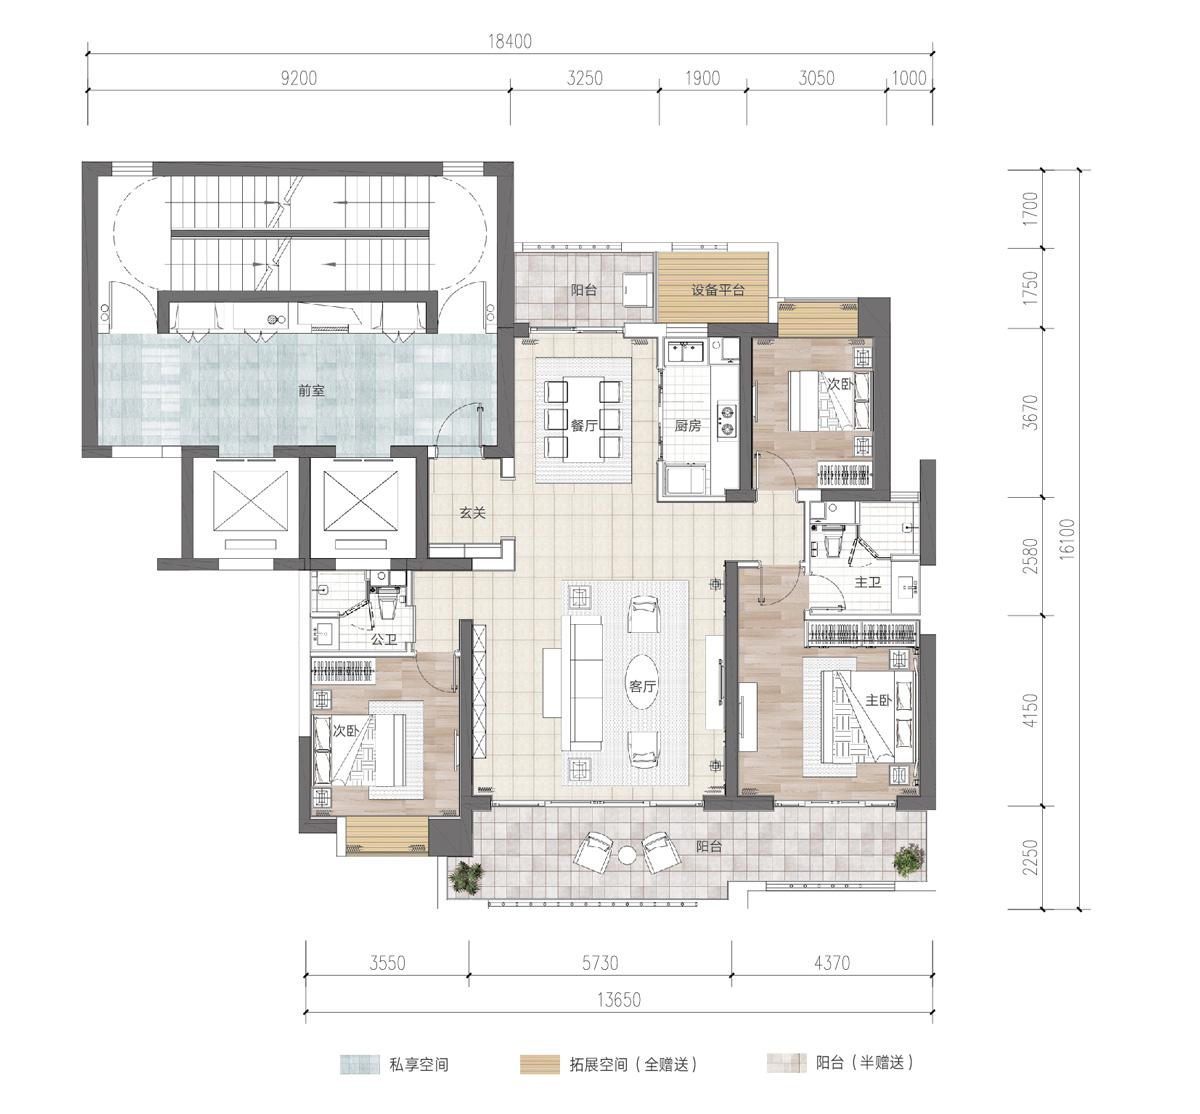 富力首府3室2厅2卫 (建筑面积:175.00㎡)